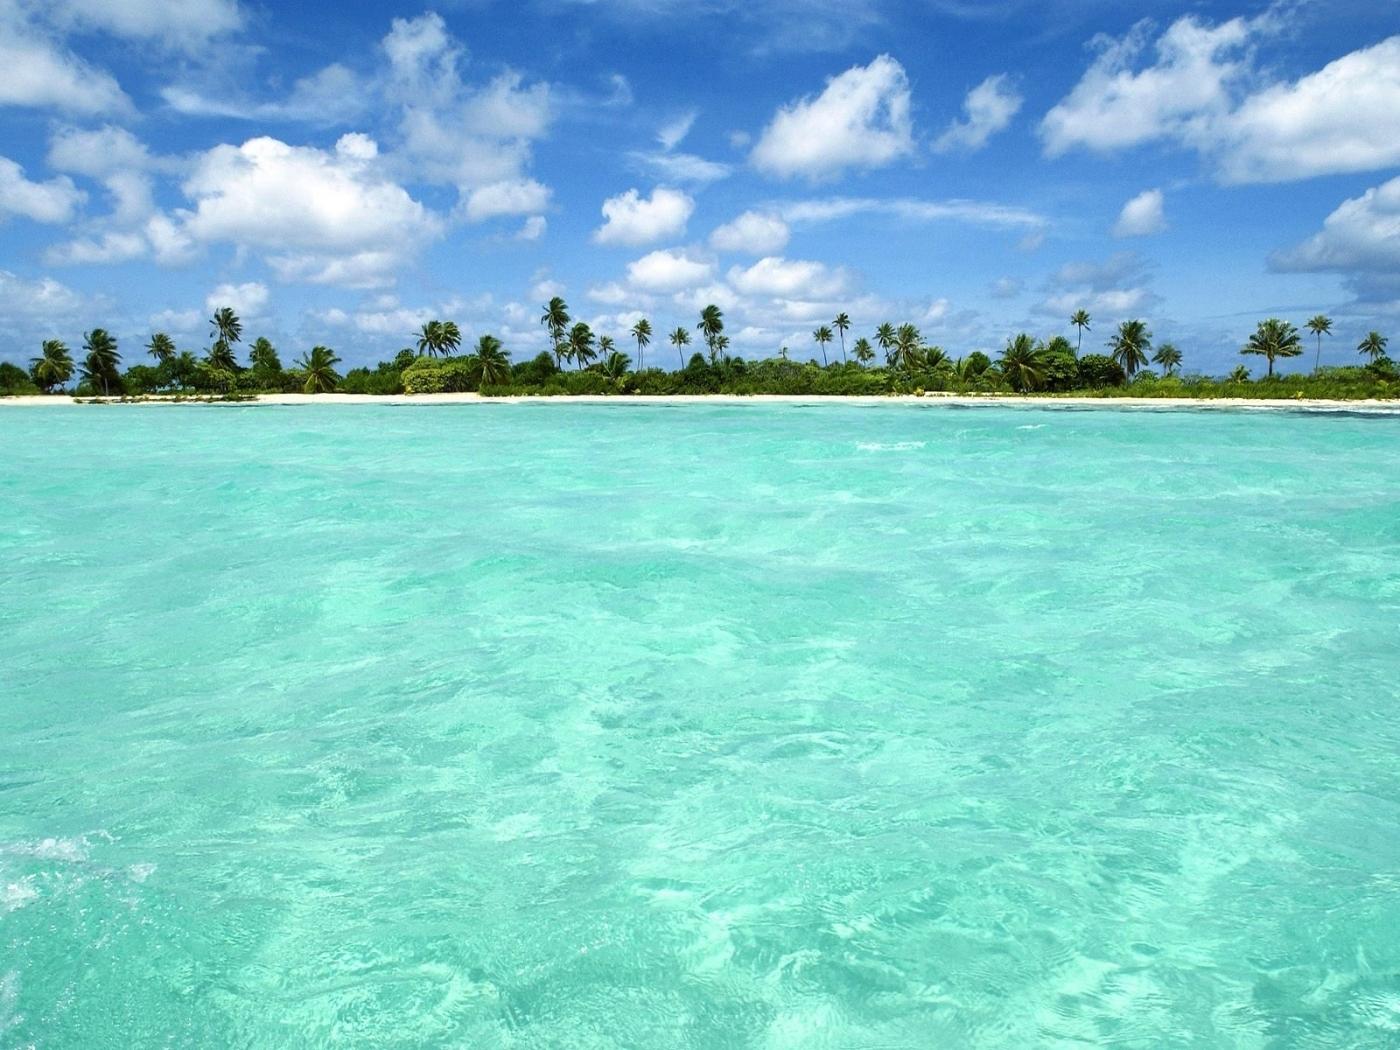 24308 скачать обои Пейзаж, Море, Облака, Пальмы - заставки и картинки бесплатно